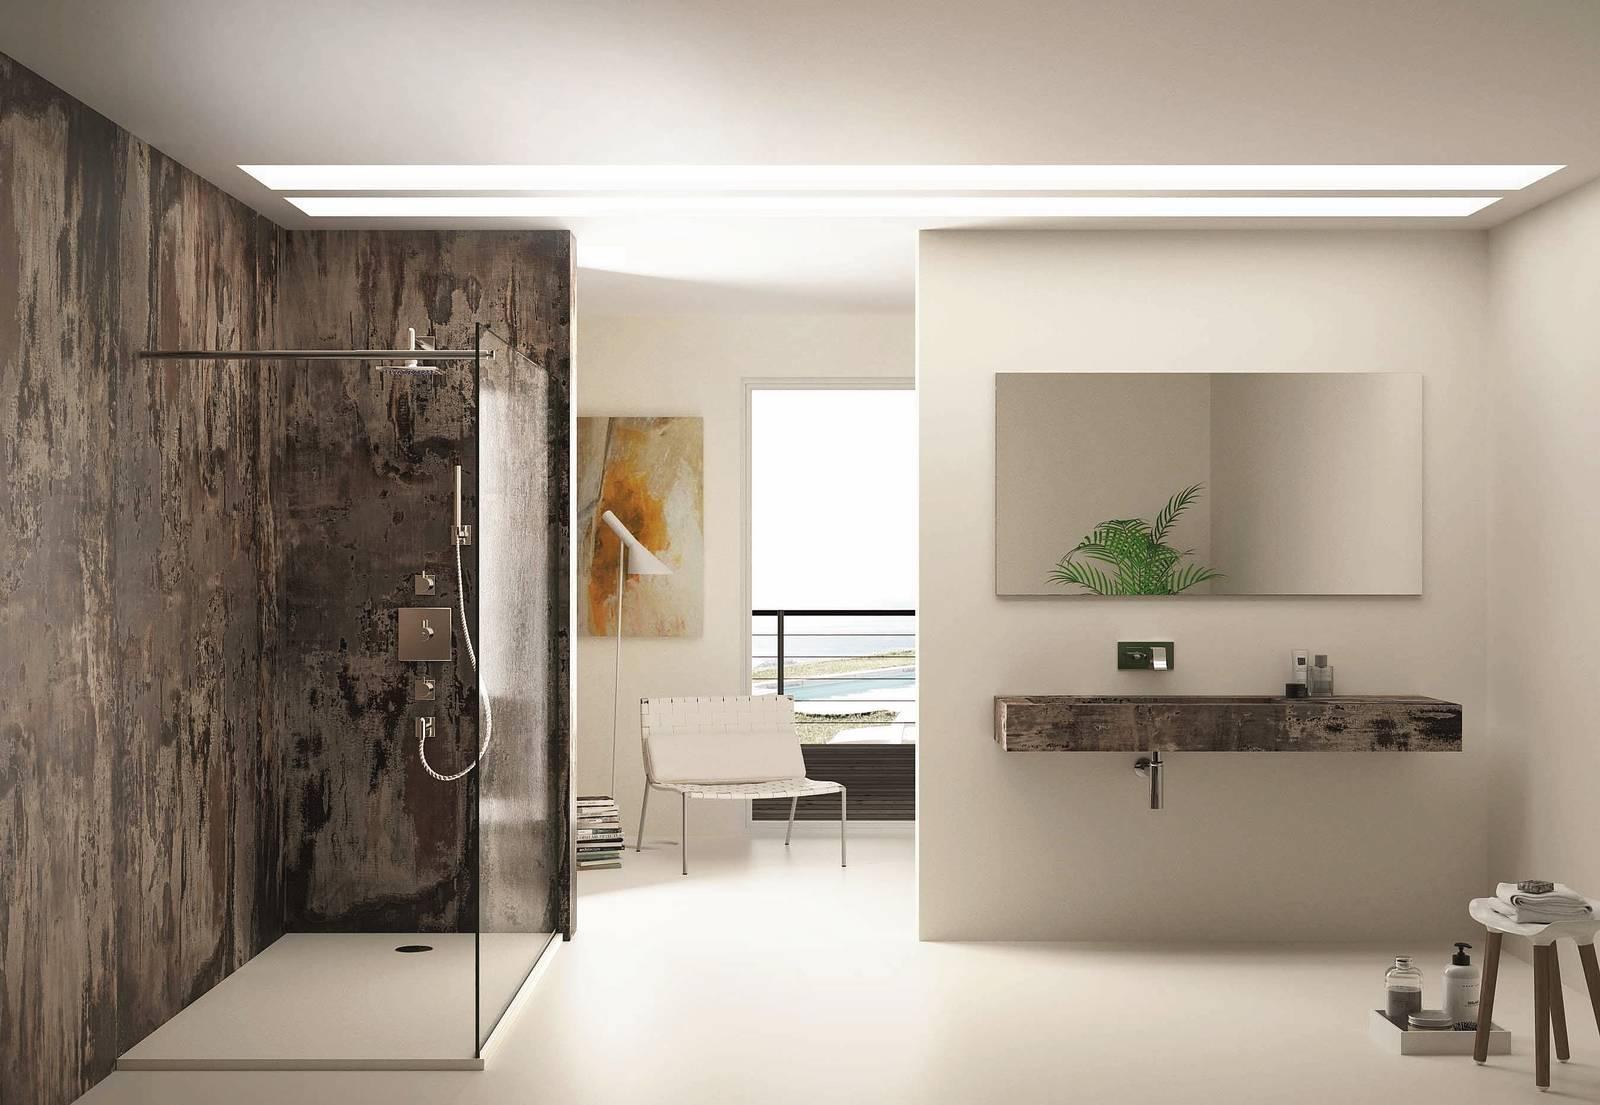 Bagno di tendenza ambienti da copiare cose di casa - Bagno di casa ...